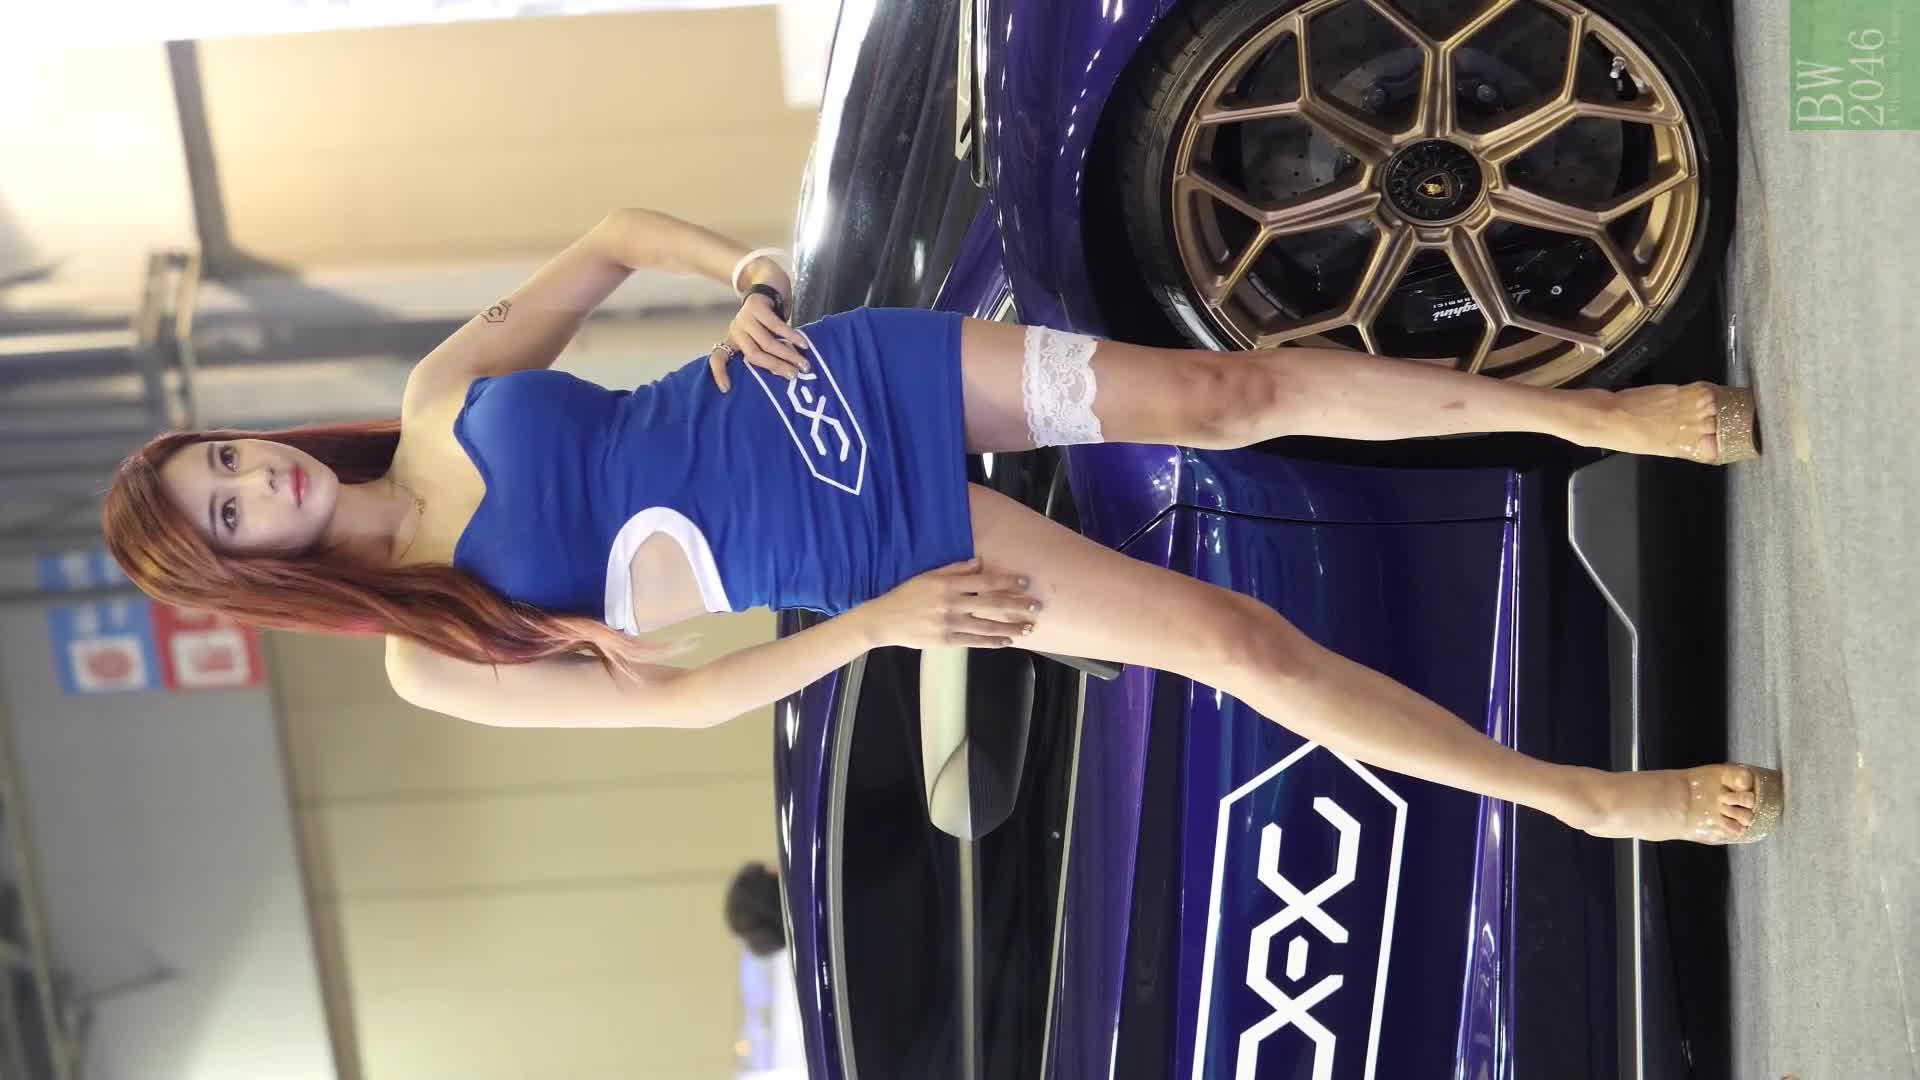 오토살롱위크 2019 | AUTO SALON X AUTOWEEK 2019 - 김하율 Kim Hayul, Racing Model #58 (Mobile Version)